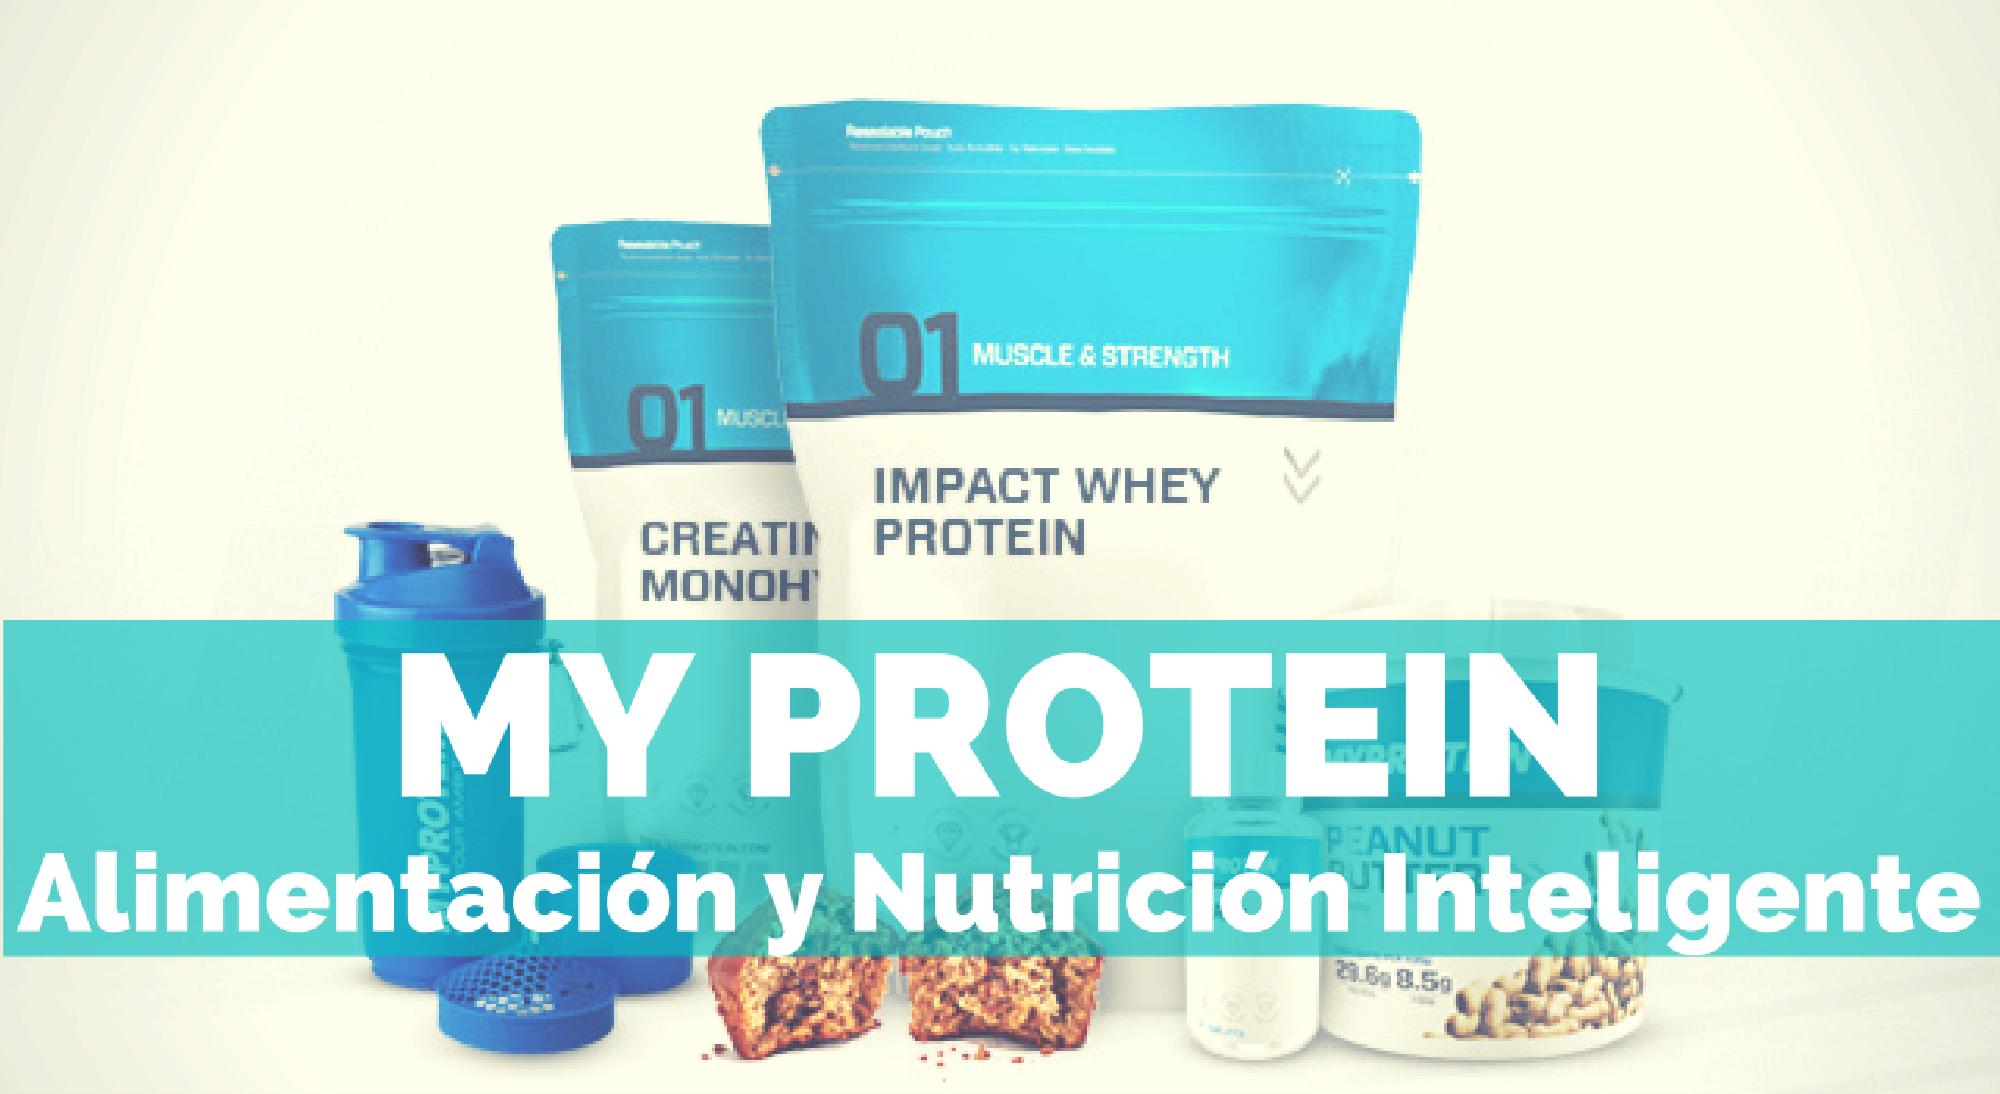 ENTRENA-SALUD-MY-PROTEIN-ALIMENTACION-Y-NUTRICION-INTELIGENTE